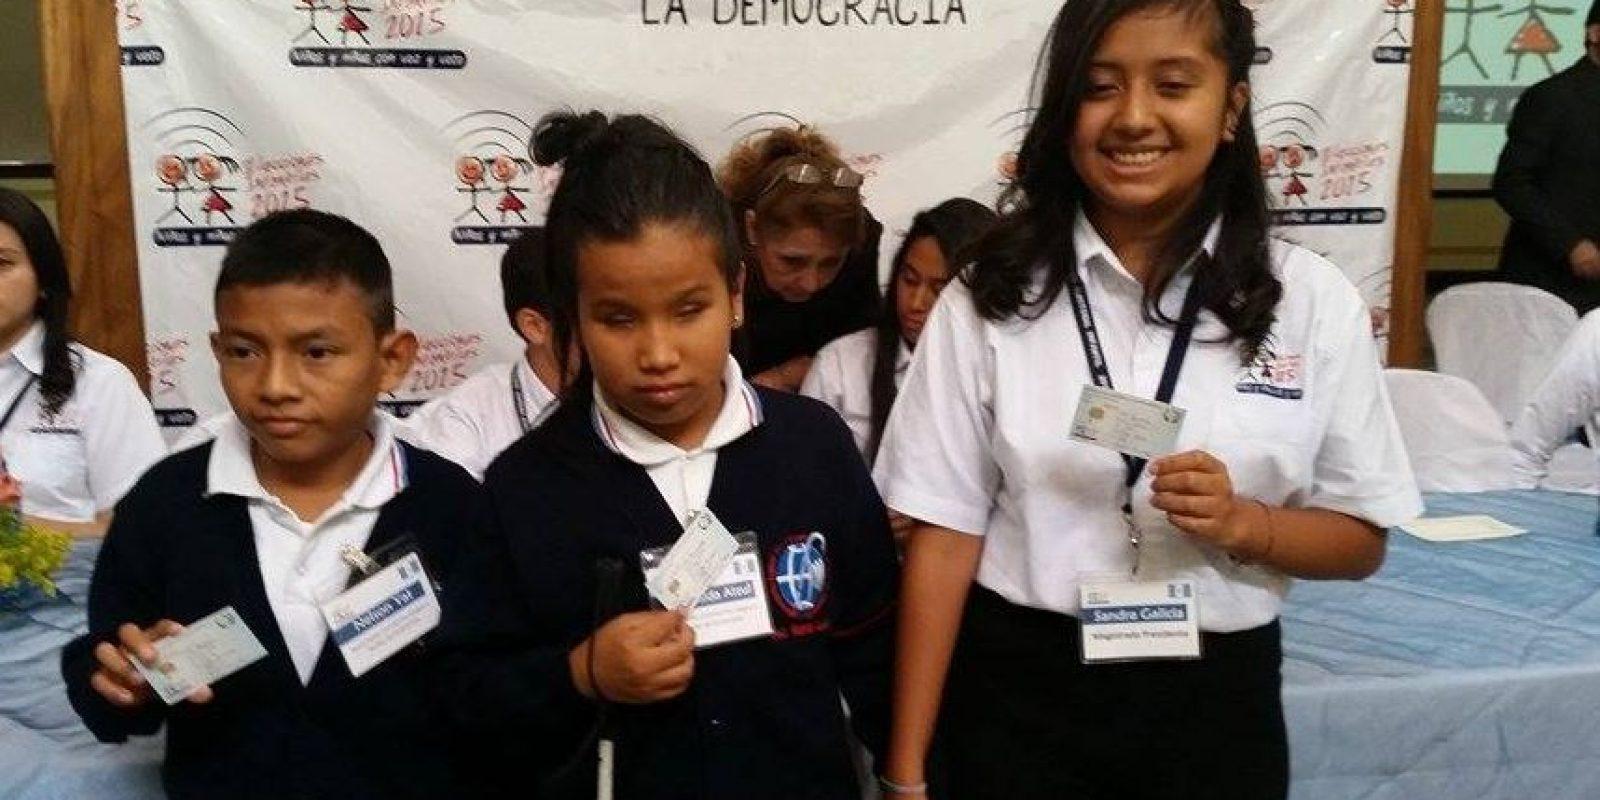 Niños recibirán un DPI simbólico Foto:Kenneth Monzón